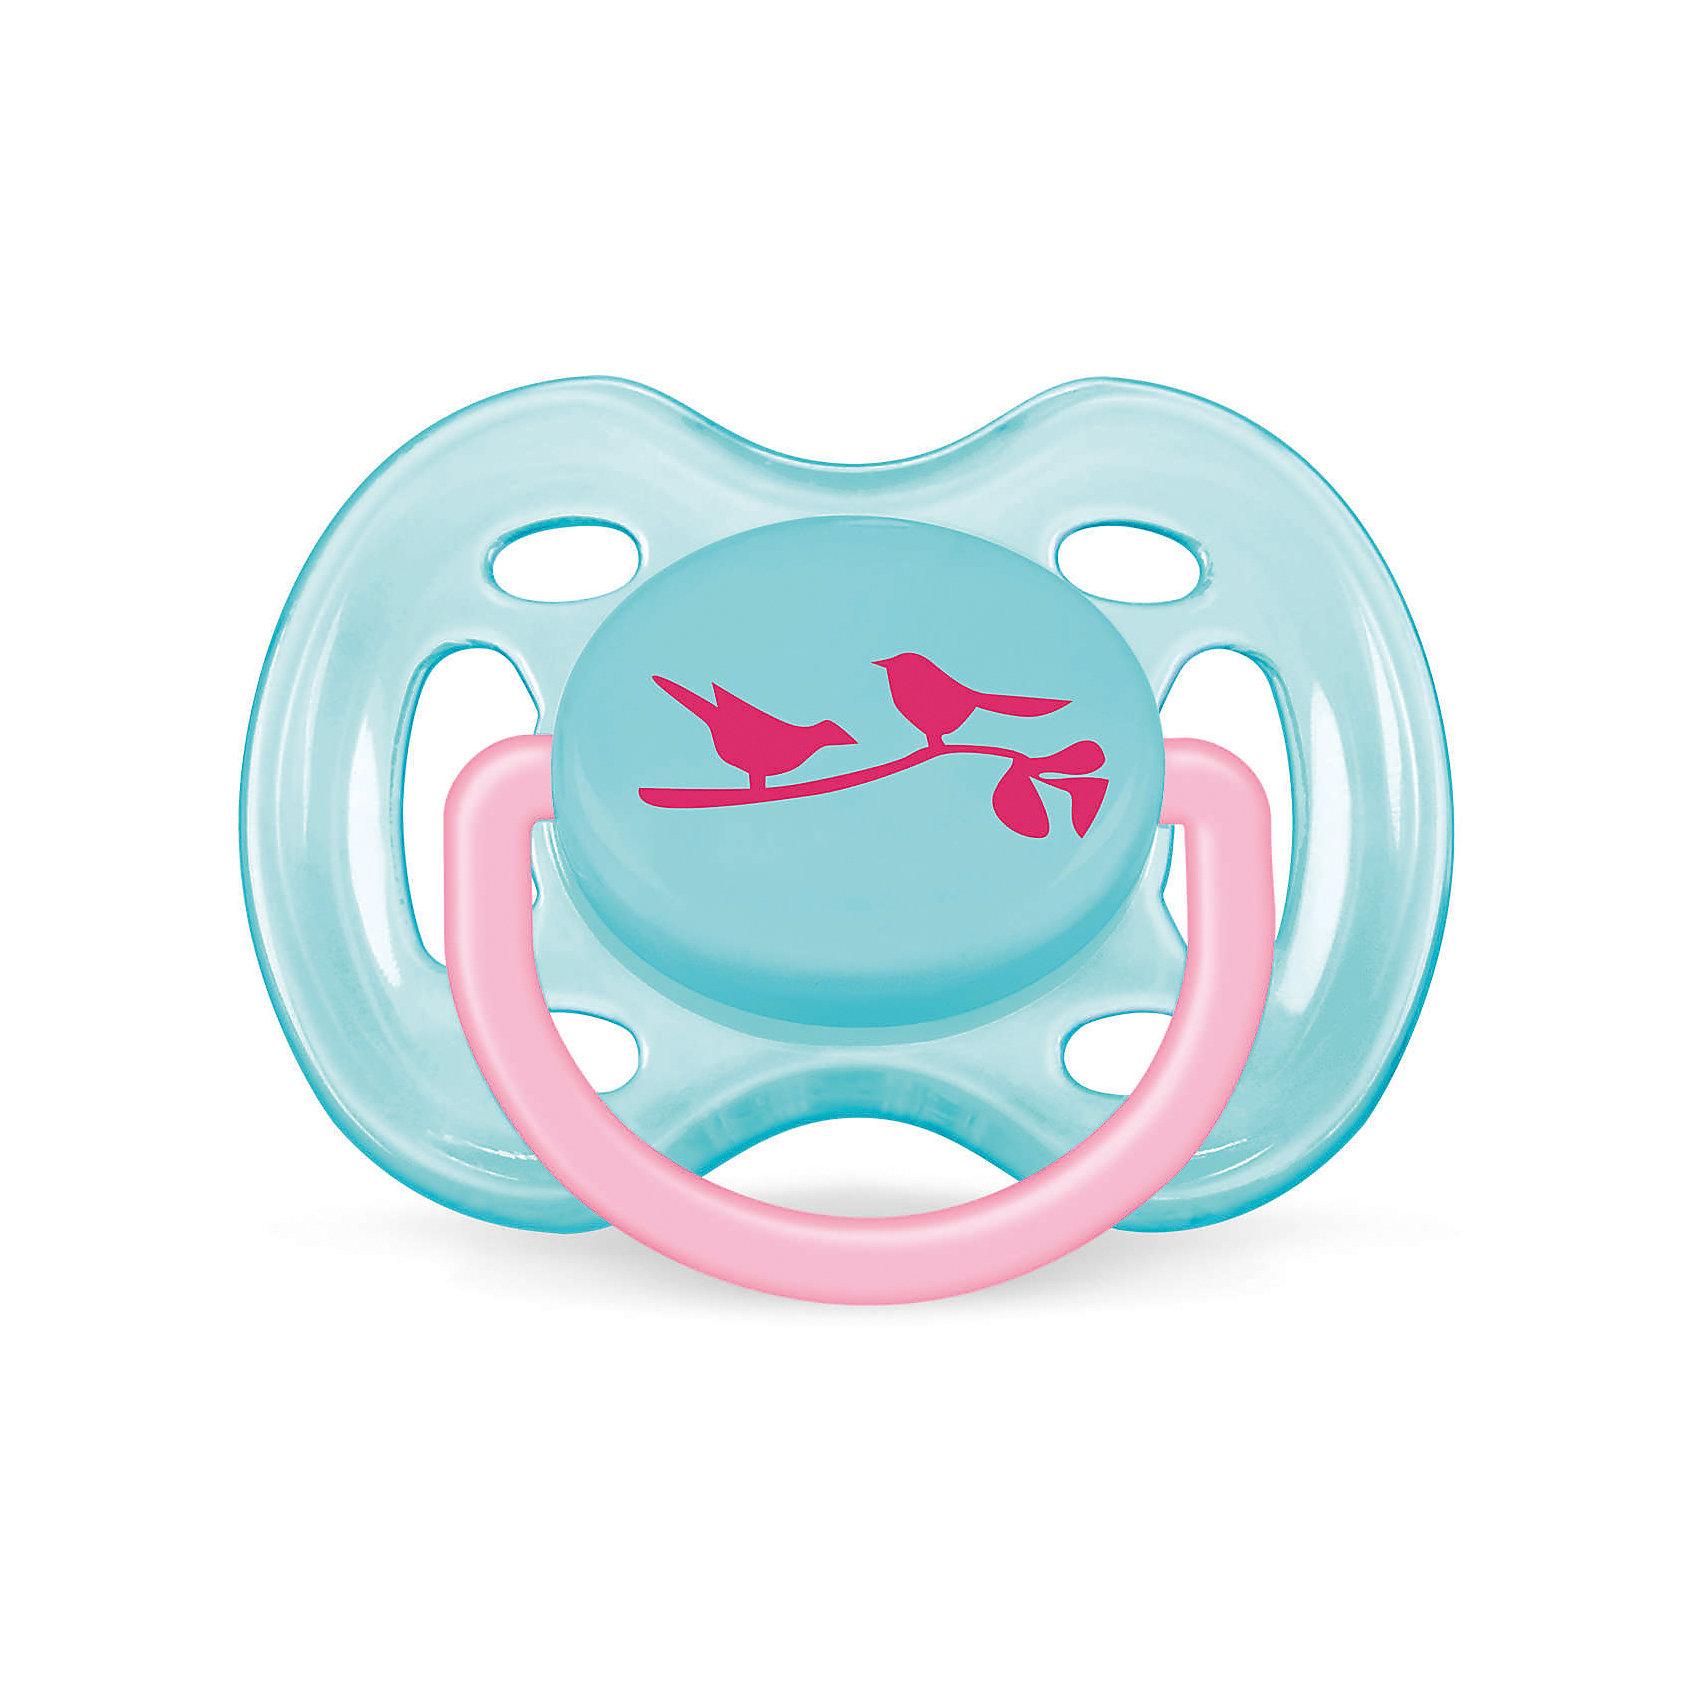 PHILIPS AVENT Пустышка Дизайн Птички для девочки , 0-6 месяцев, 1 шт., AVENT, голубой